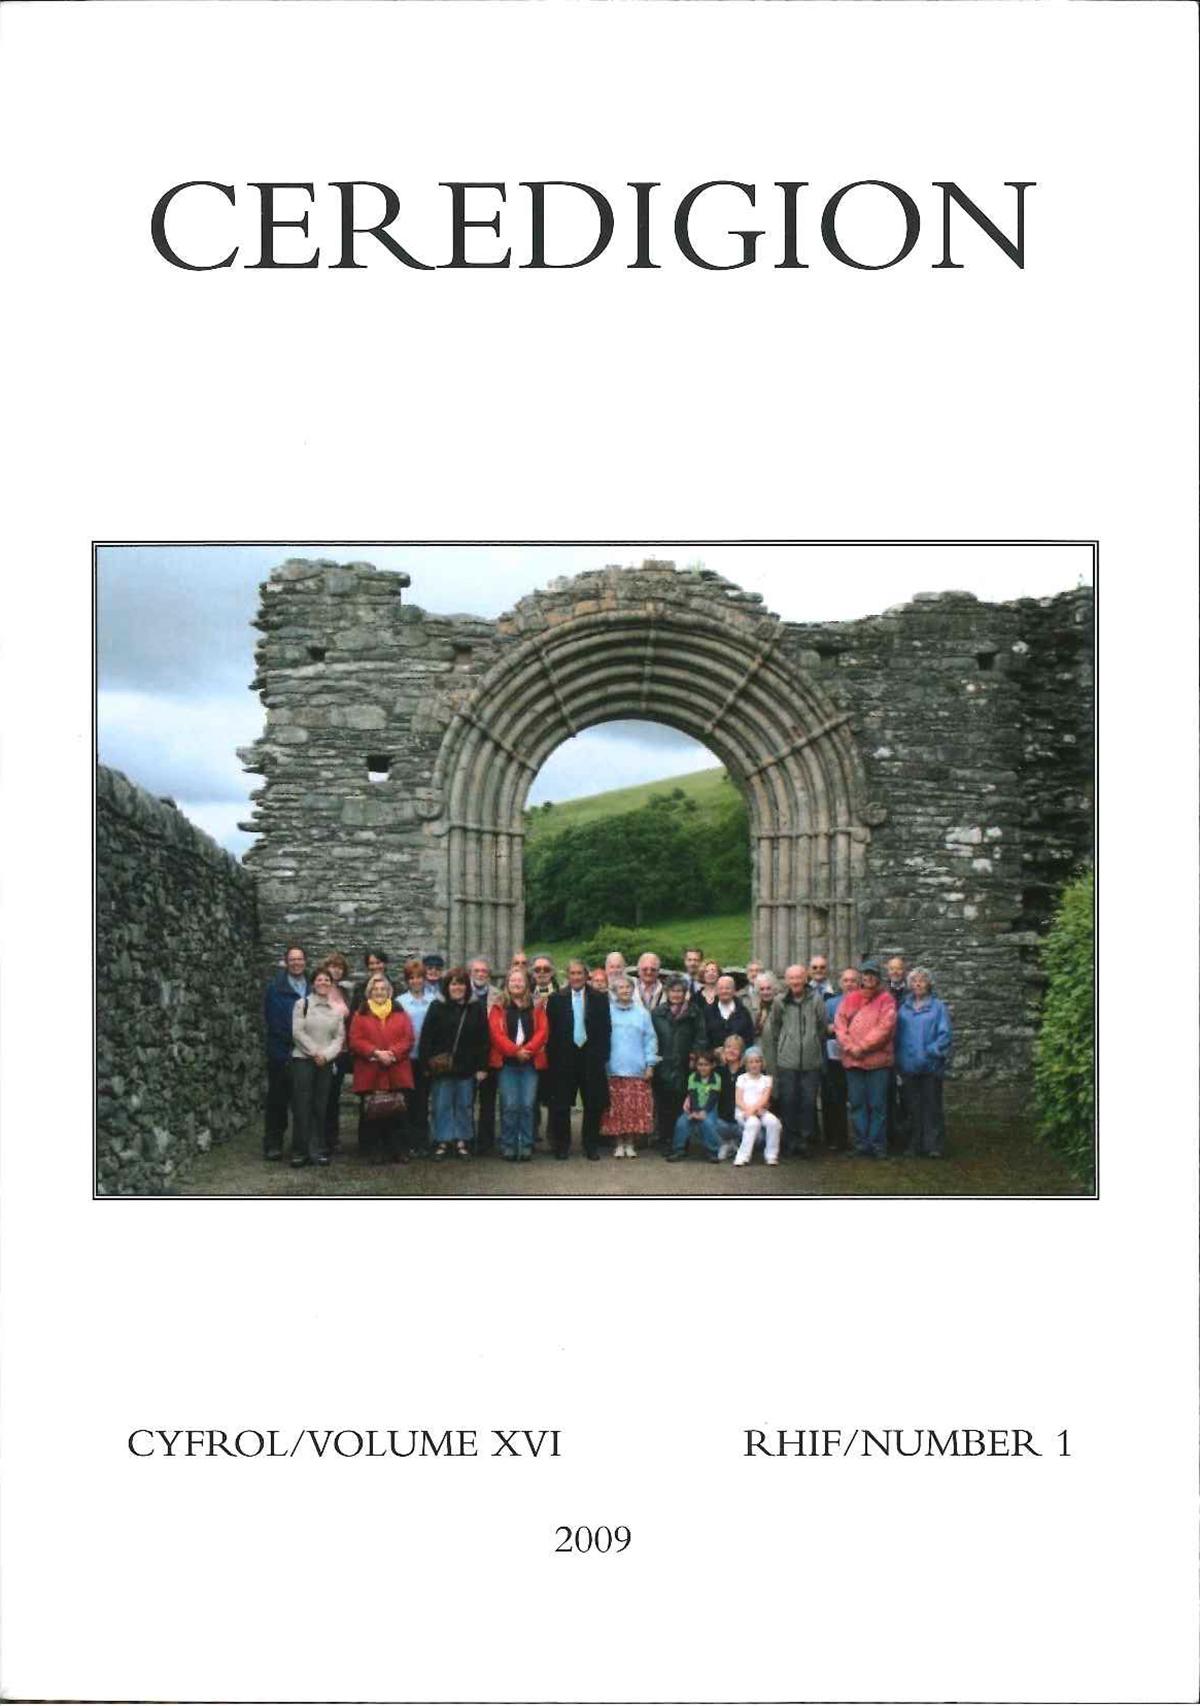 Ceredigion - Cylchgrawn Cymdeithas Hanes Ceredigion, Cyfrol XIV, Rhifyn I, 2009 - ISBN 0069 2263